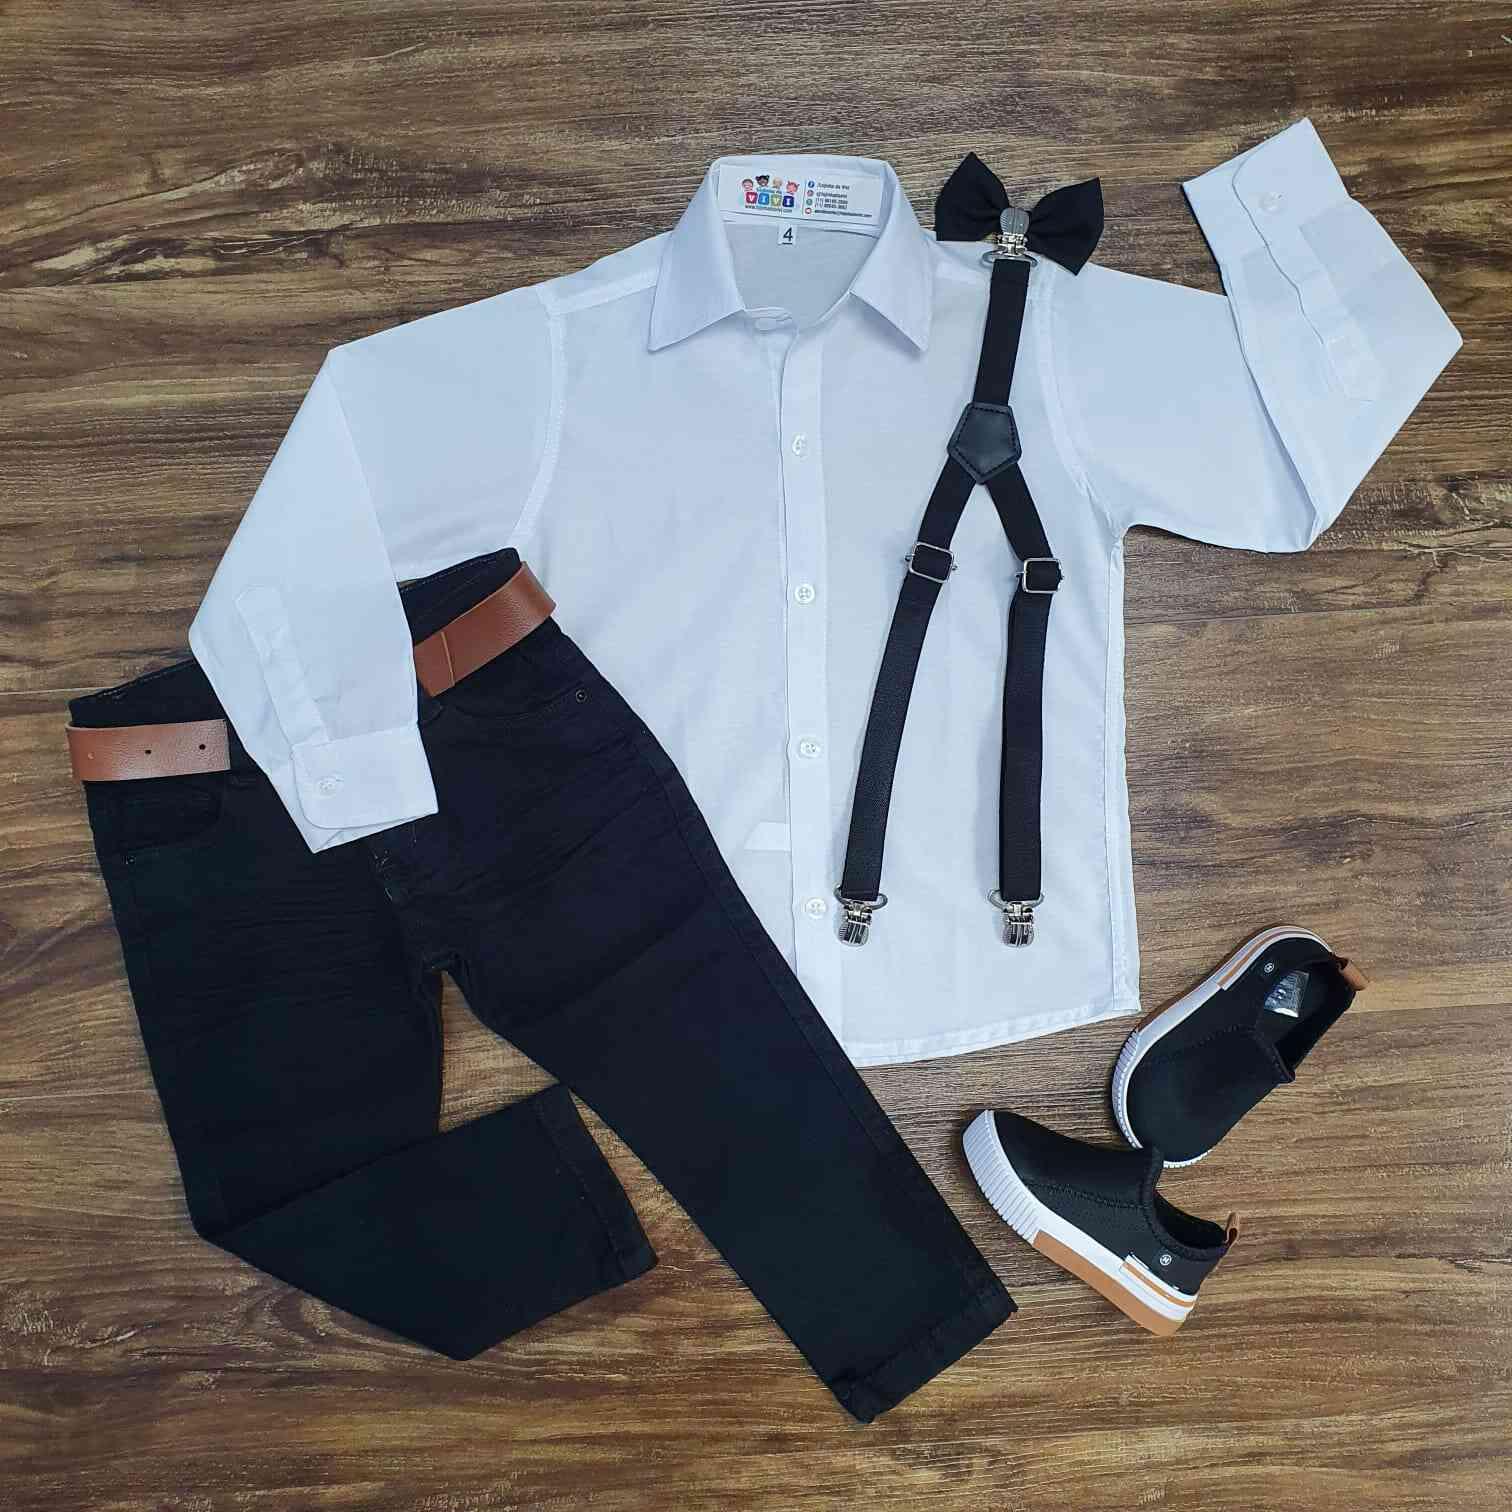 Calça Preta com Suspensório e Camisa com Gravata